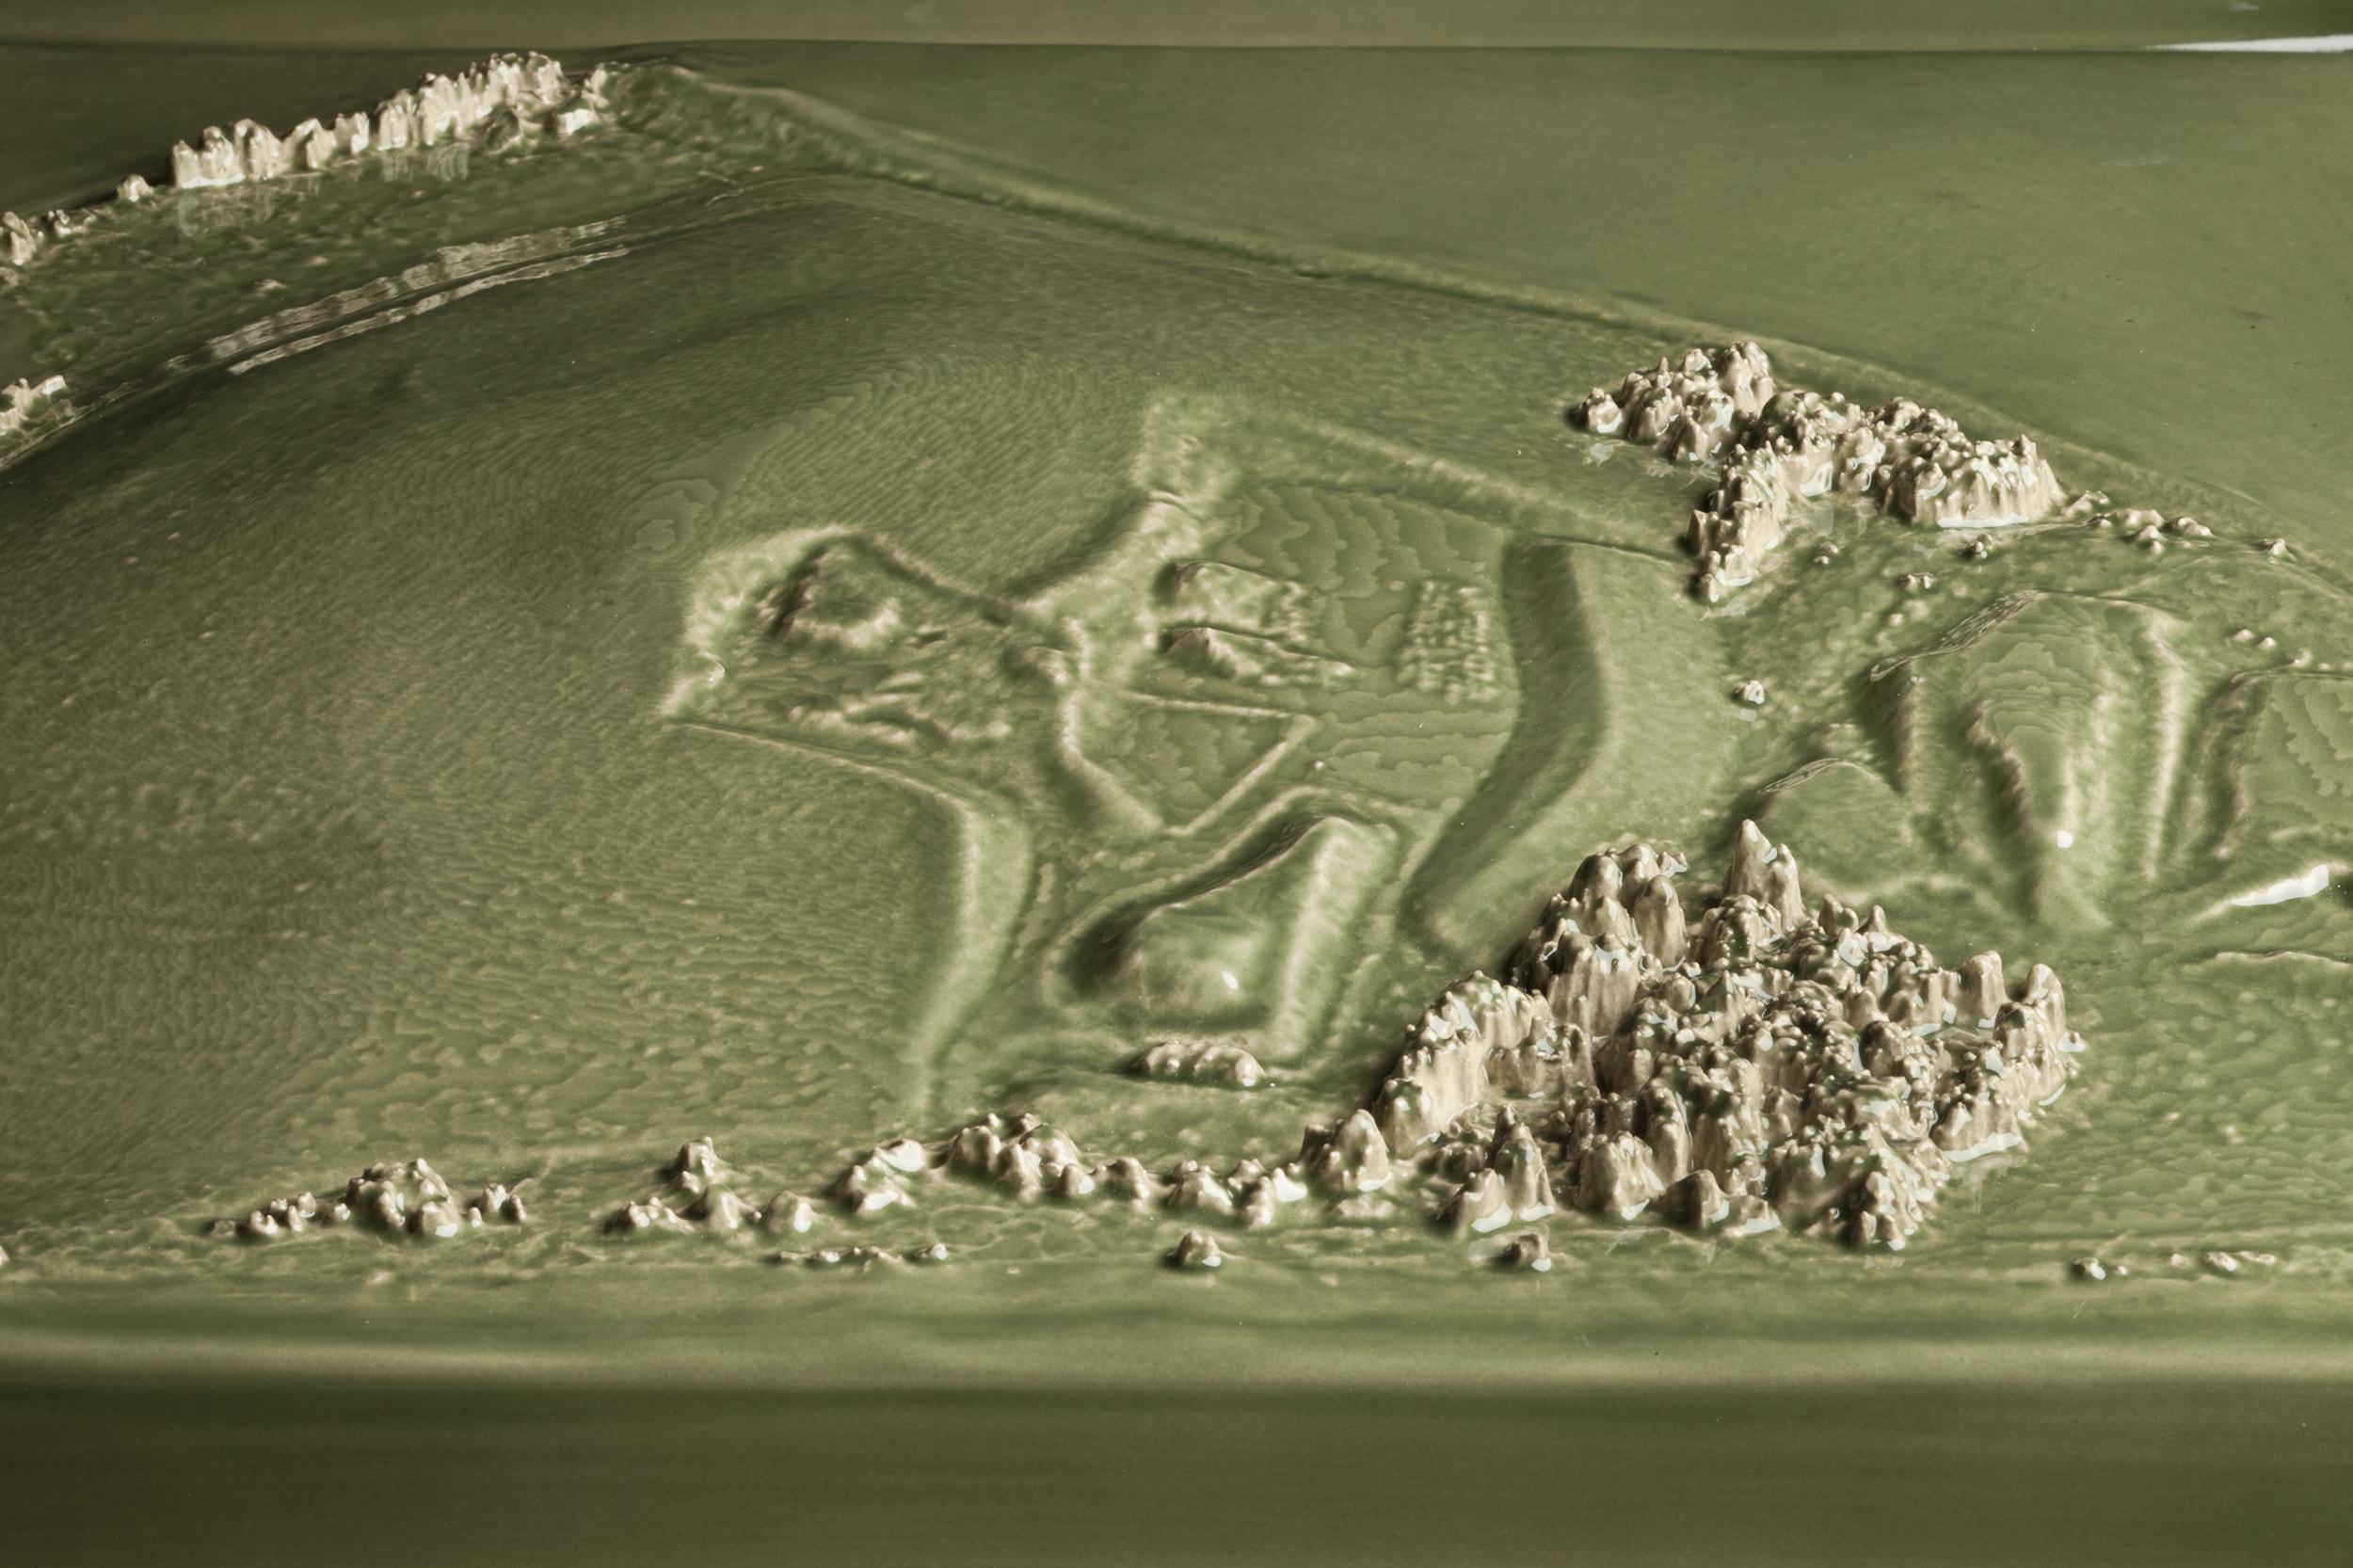 Kohler Triptych Green Landfill (detail)